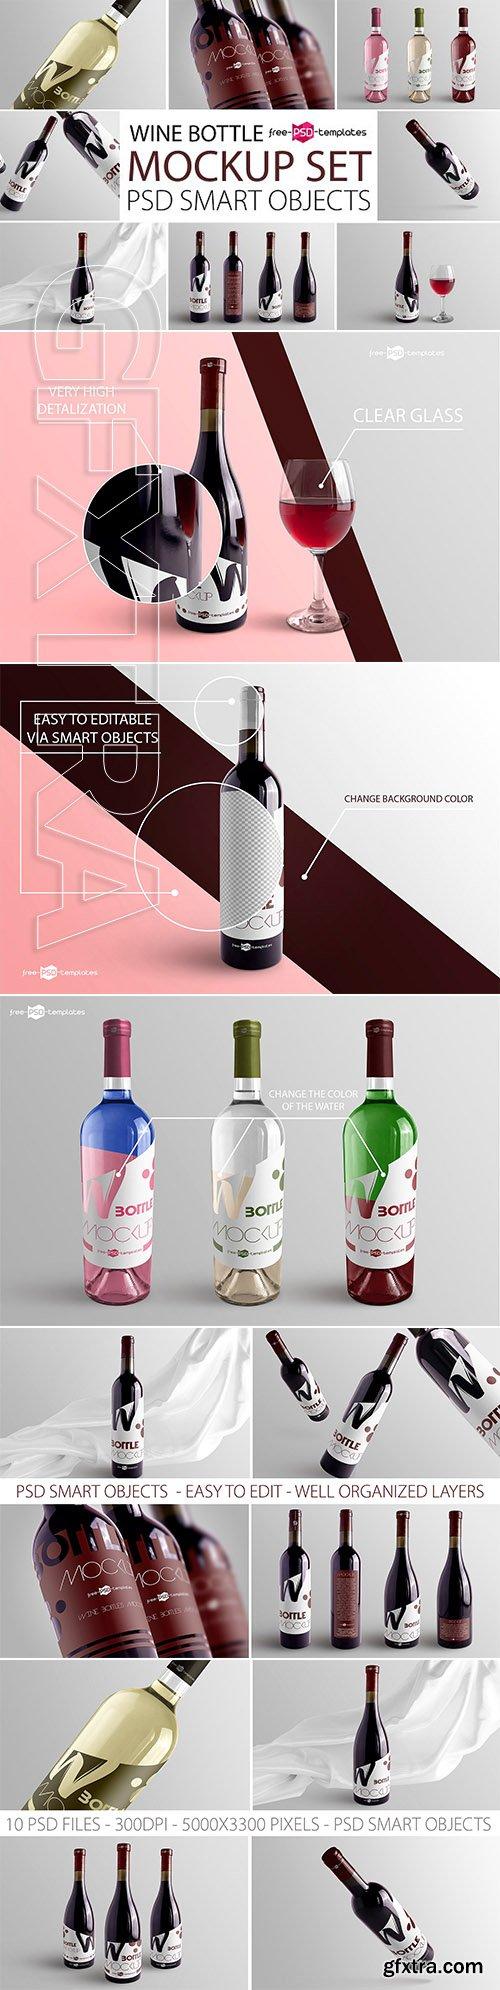 CreativeMarket - Wine Bottle Mockup Set 3130526